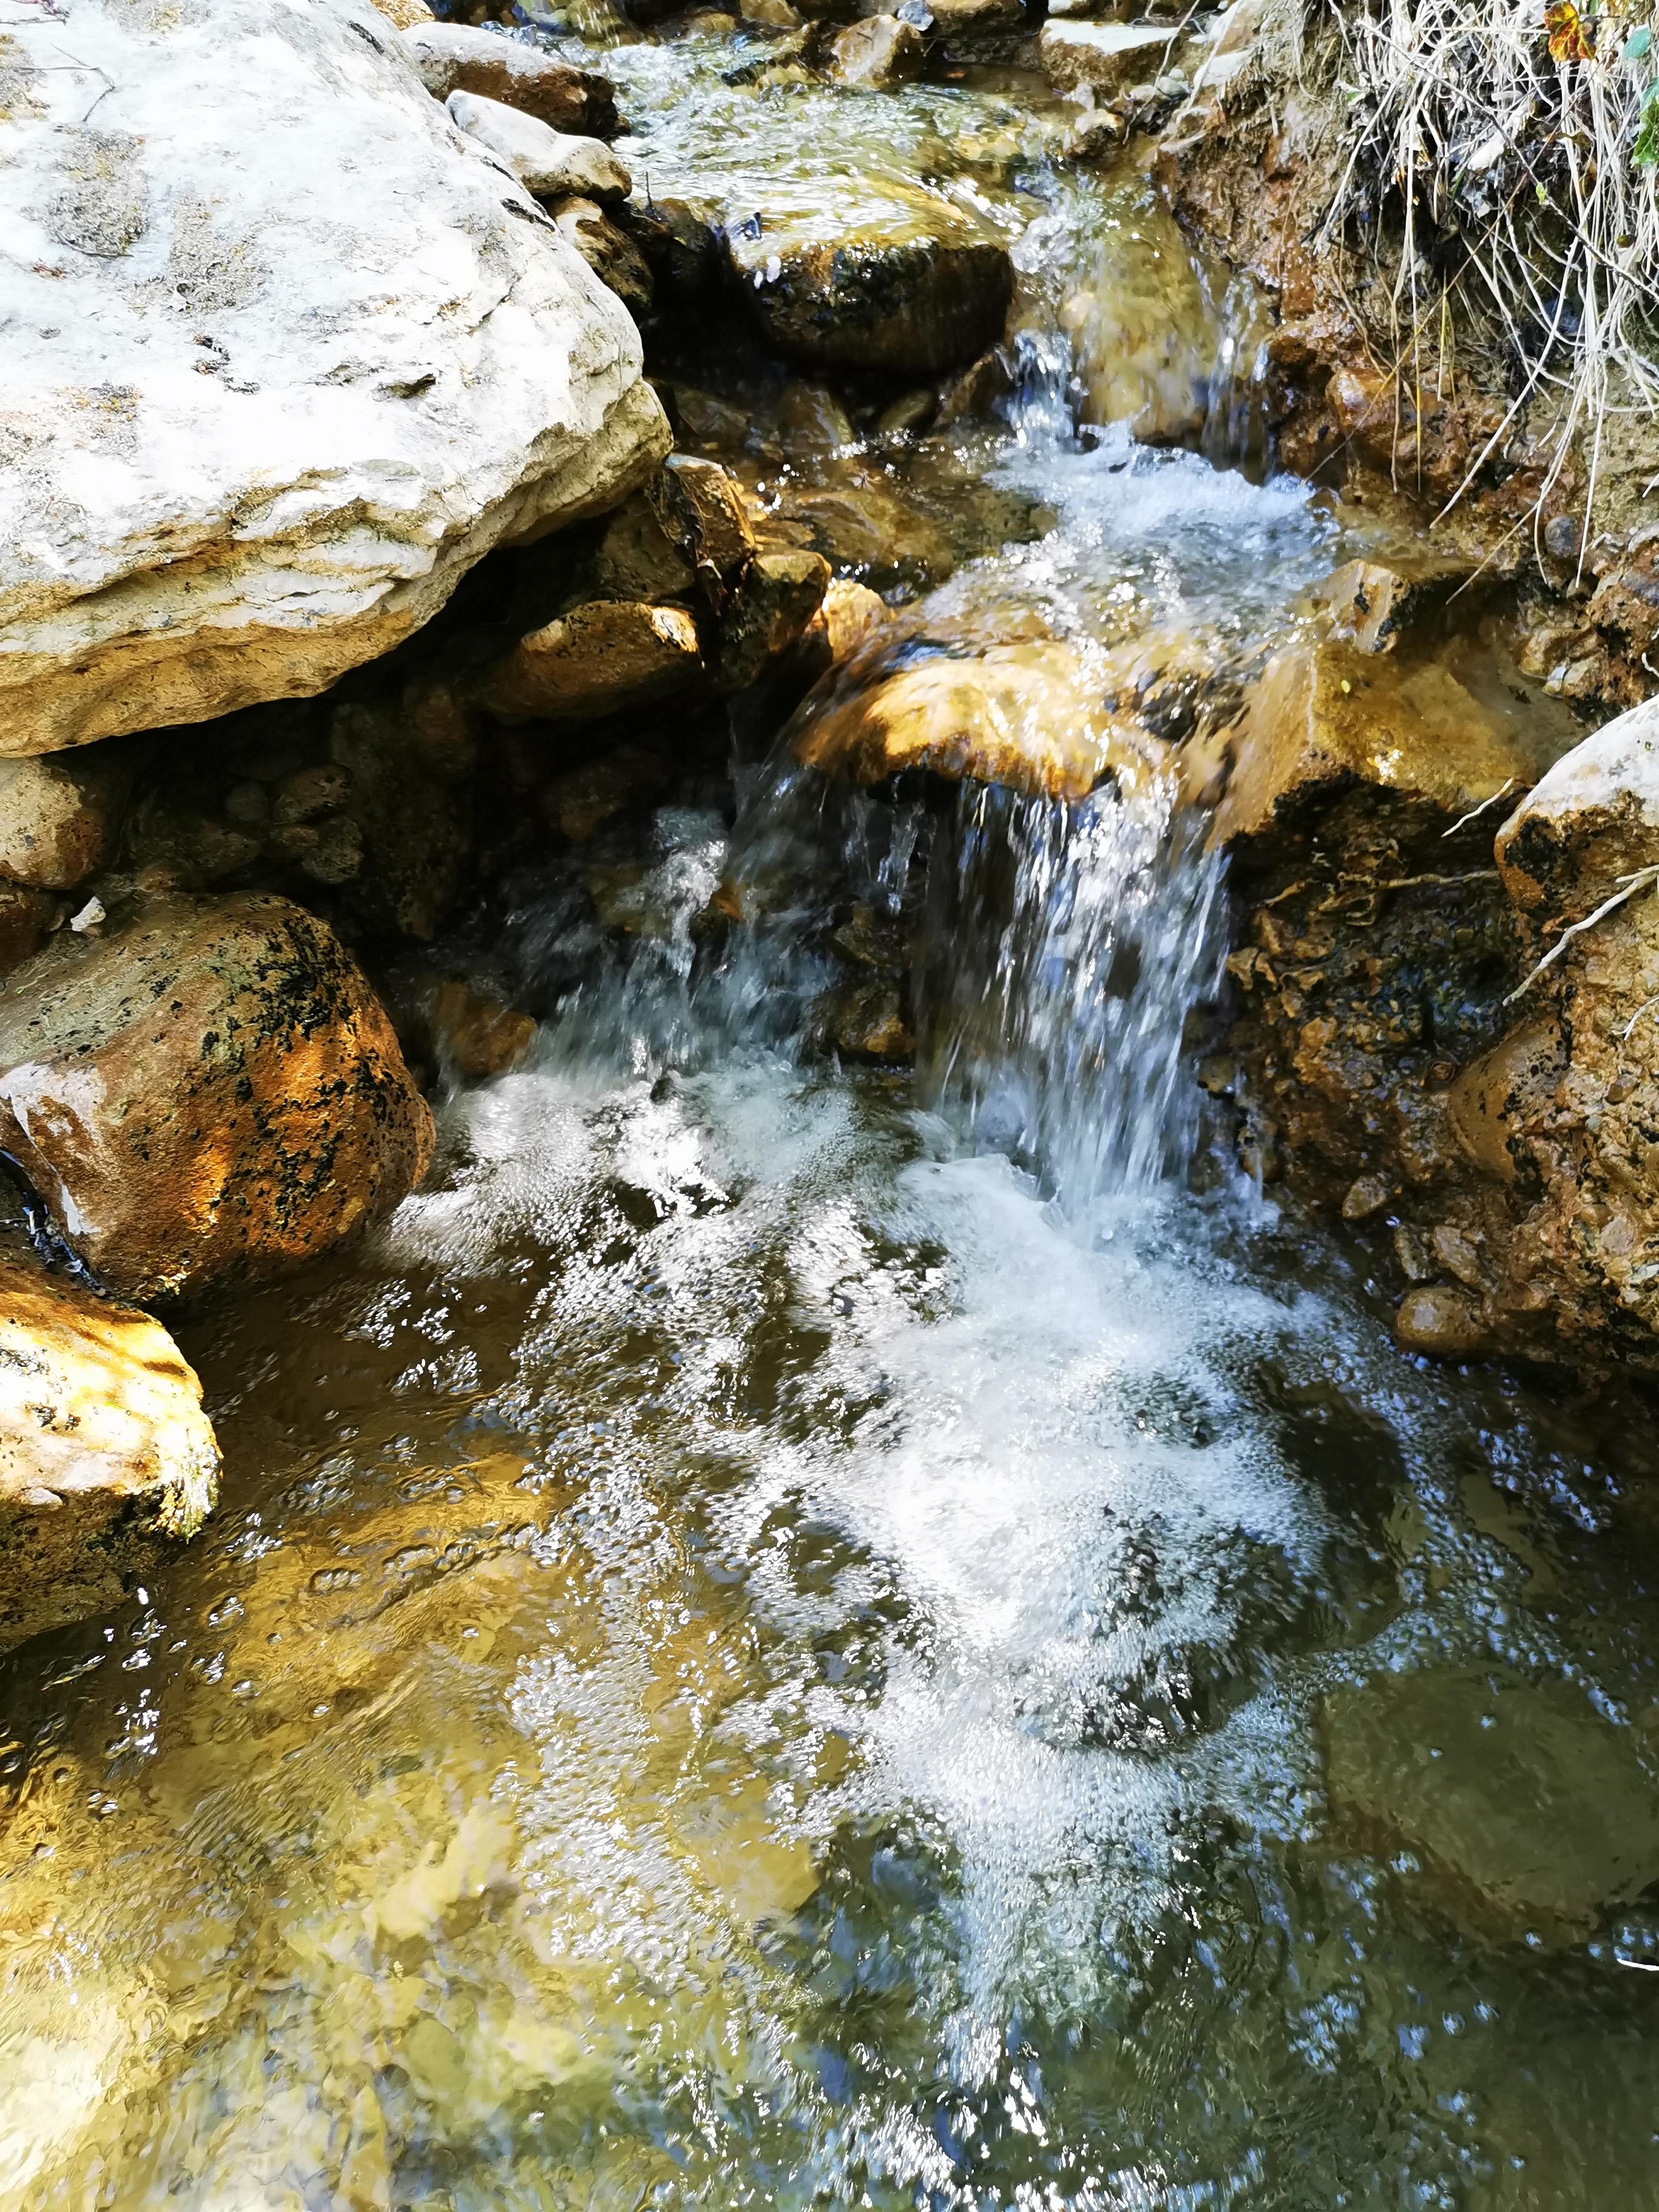 L'étang de la Tourne -la rivière 'la Tourne' qui borde le domaine